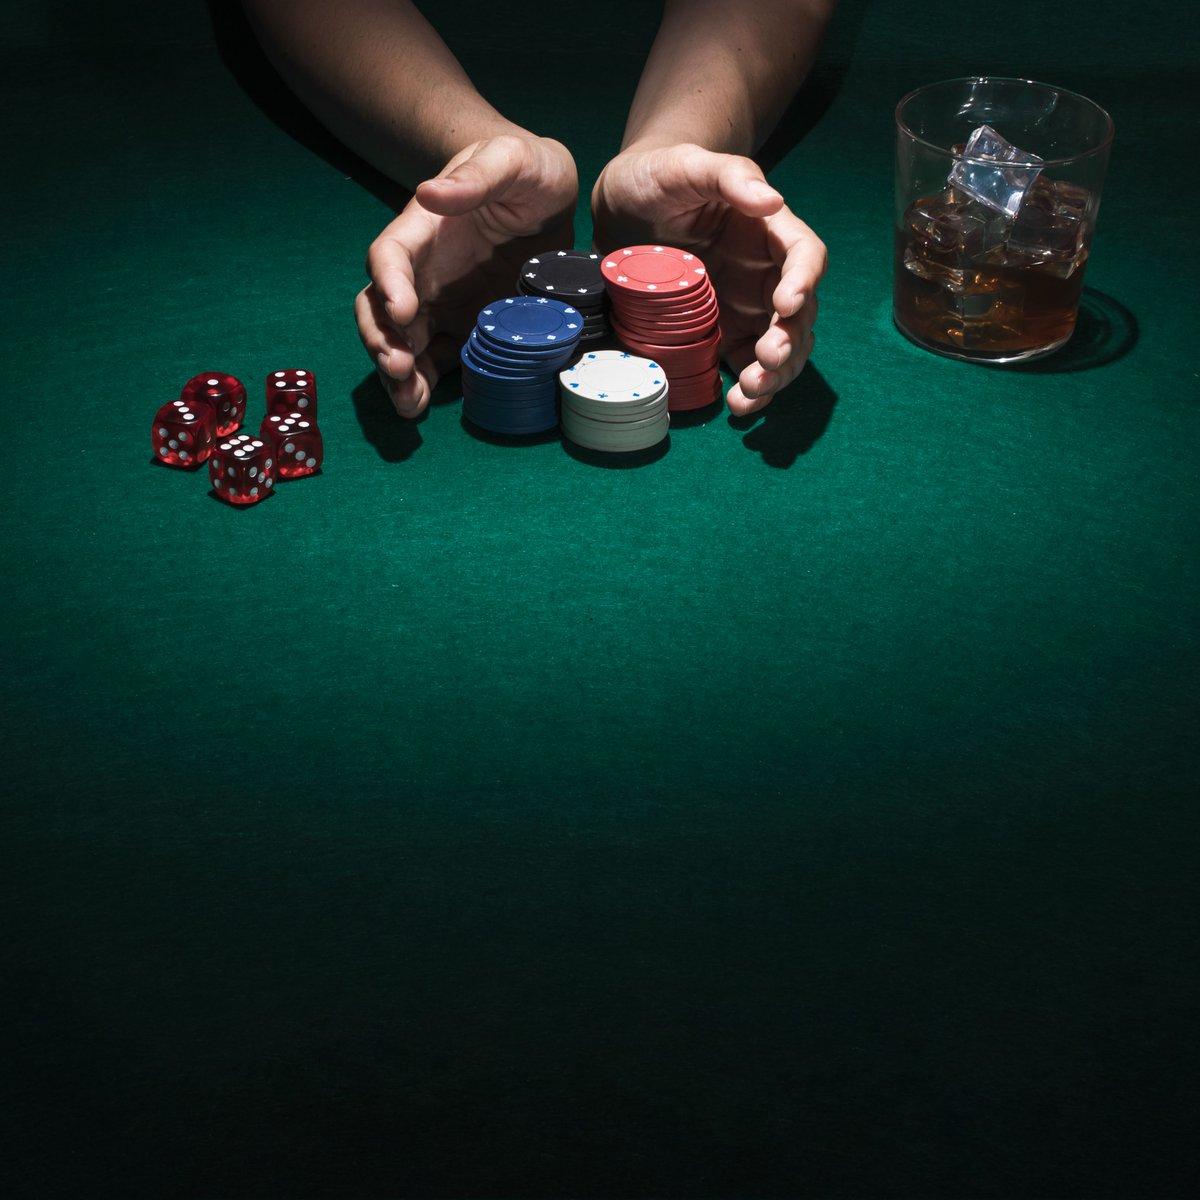 Картинка играют в покер